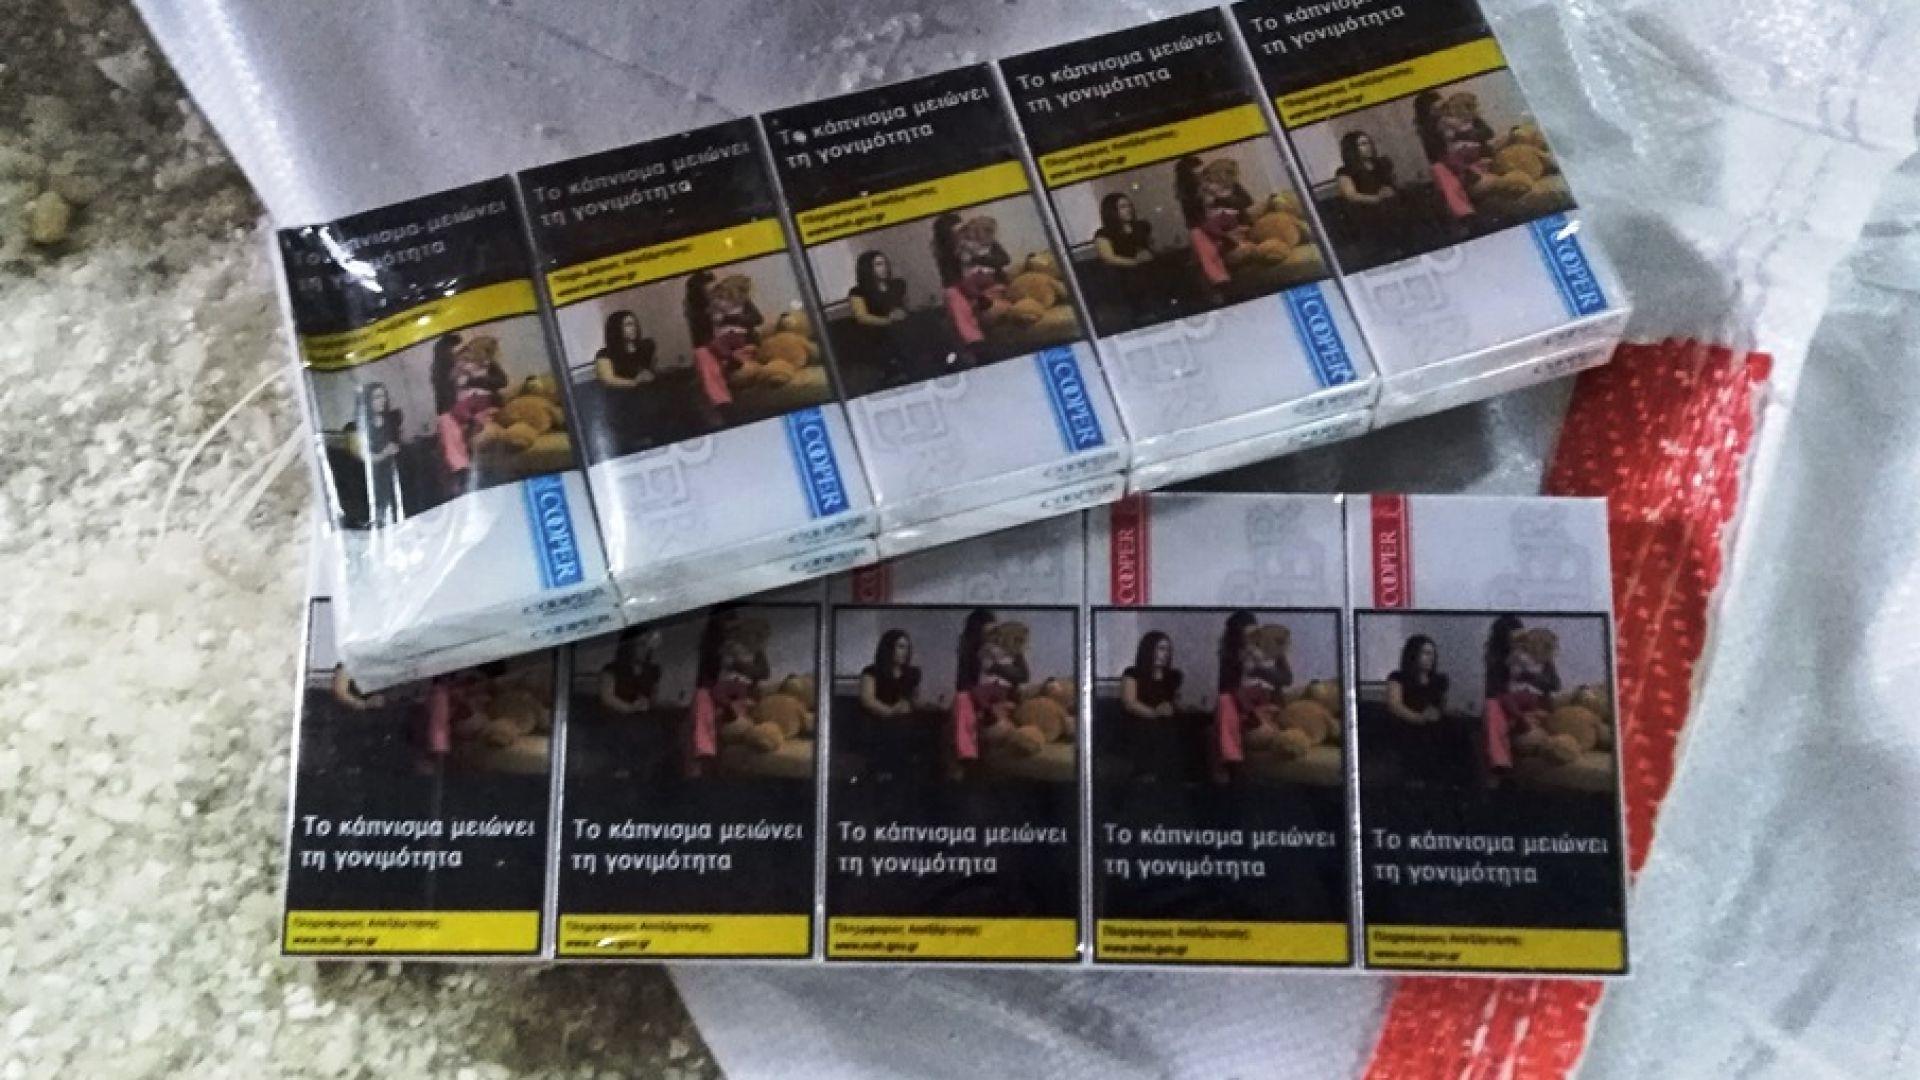 Задържаха нелегални цигари за над 3 милиона лева в София